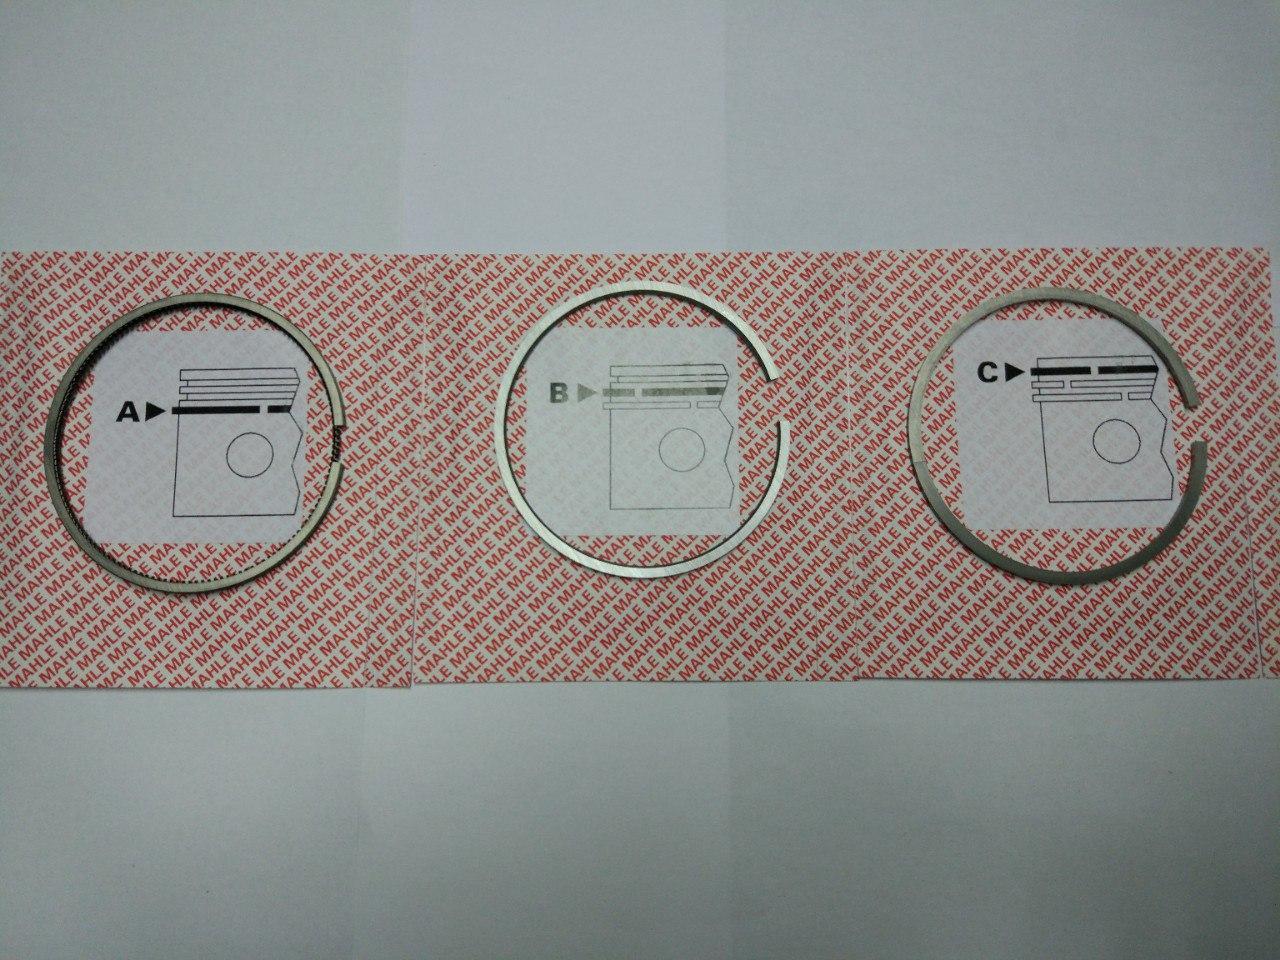 Поршневі кільця Renault Trafic, Opel Vivaro, 1.9 dci, 2001-2006, Mahle 02158V0